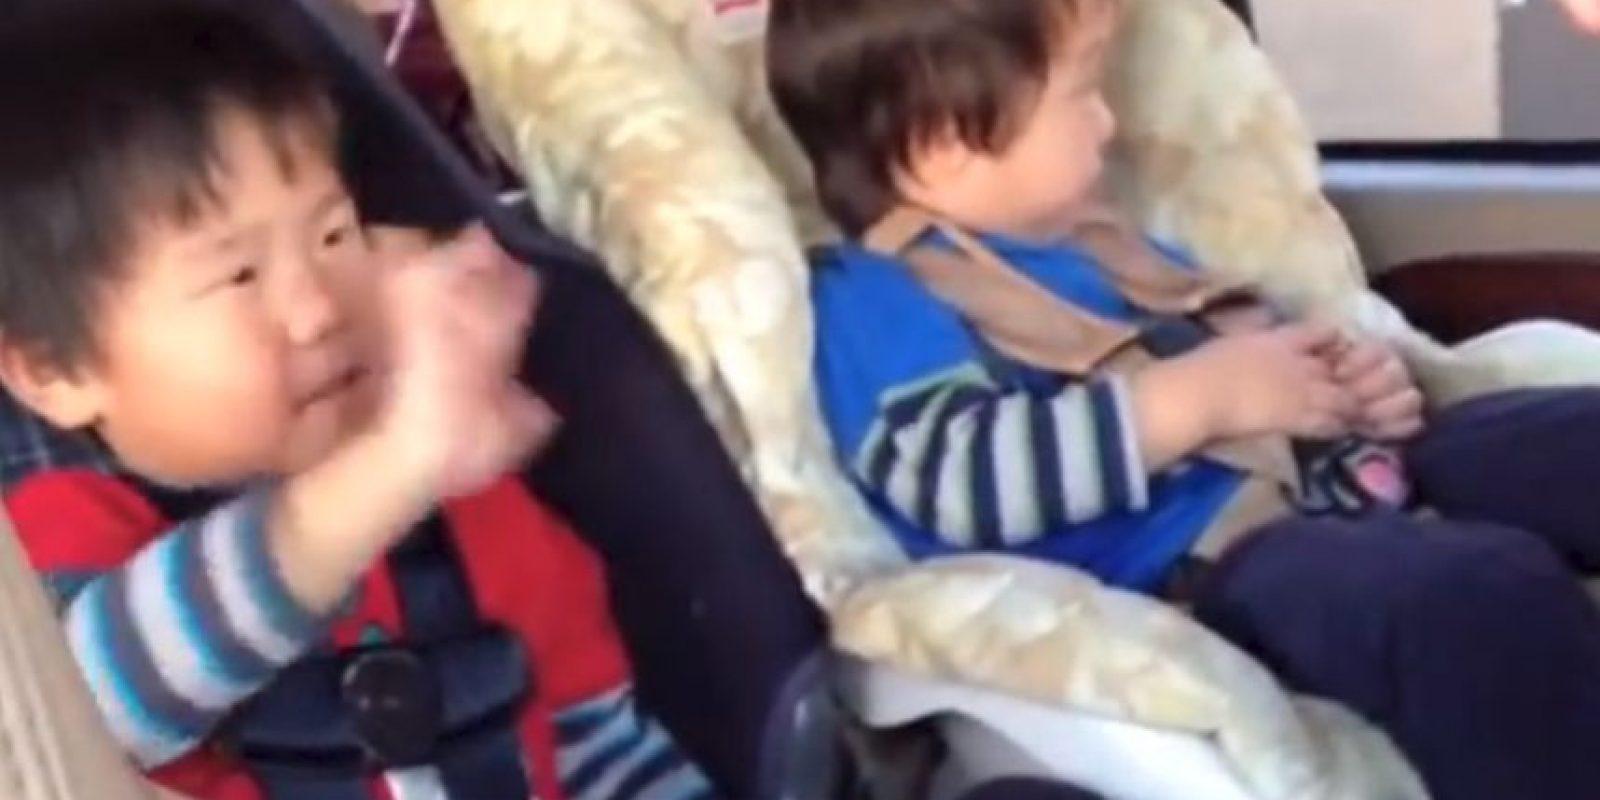 Este par de bebés se hicieron famosos en 2012. Son sordos y sus padres les enseñaron el lenguaje de señas para que hablaran con ellos y entre ellos. Y verlos expresando emociones es bastante conmovedor.